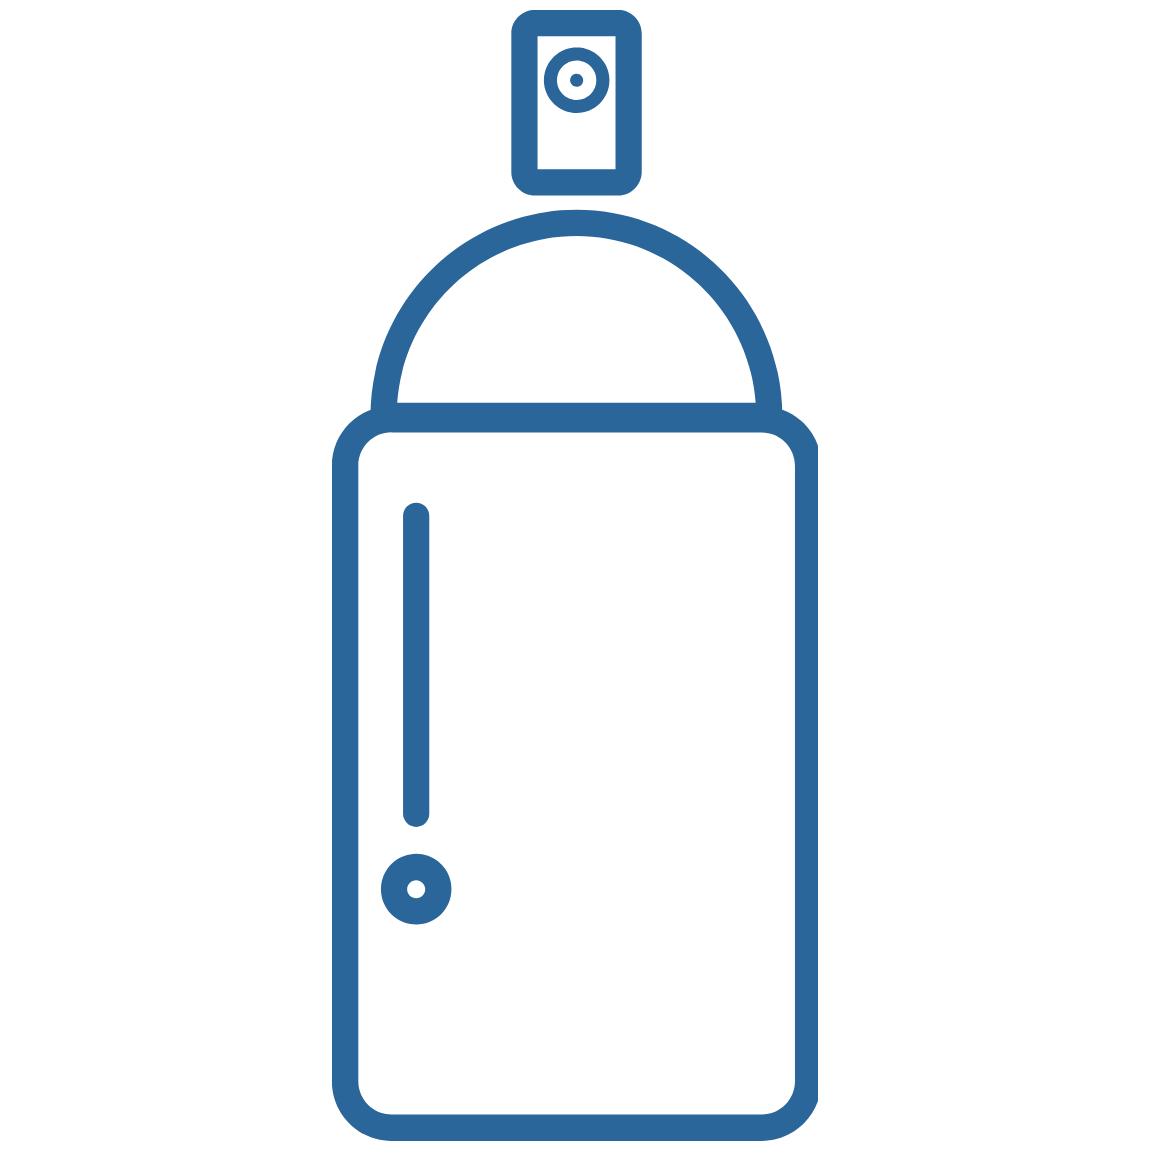 icone-team-building-visite-marseille-graffeur